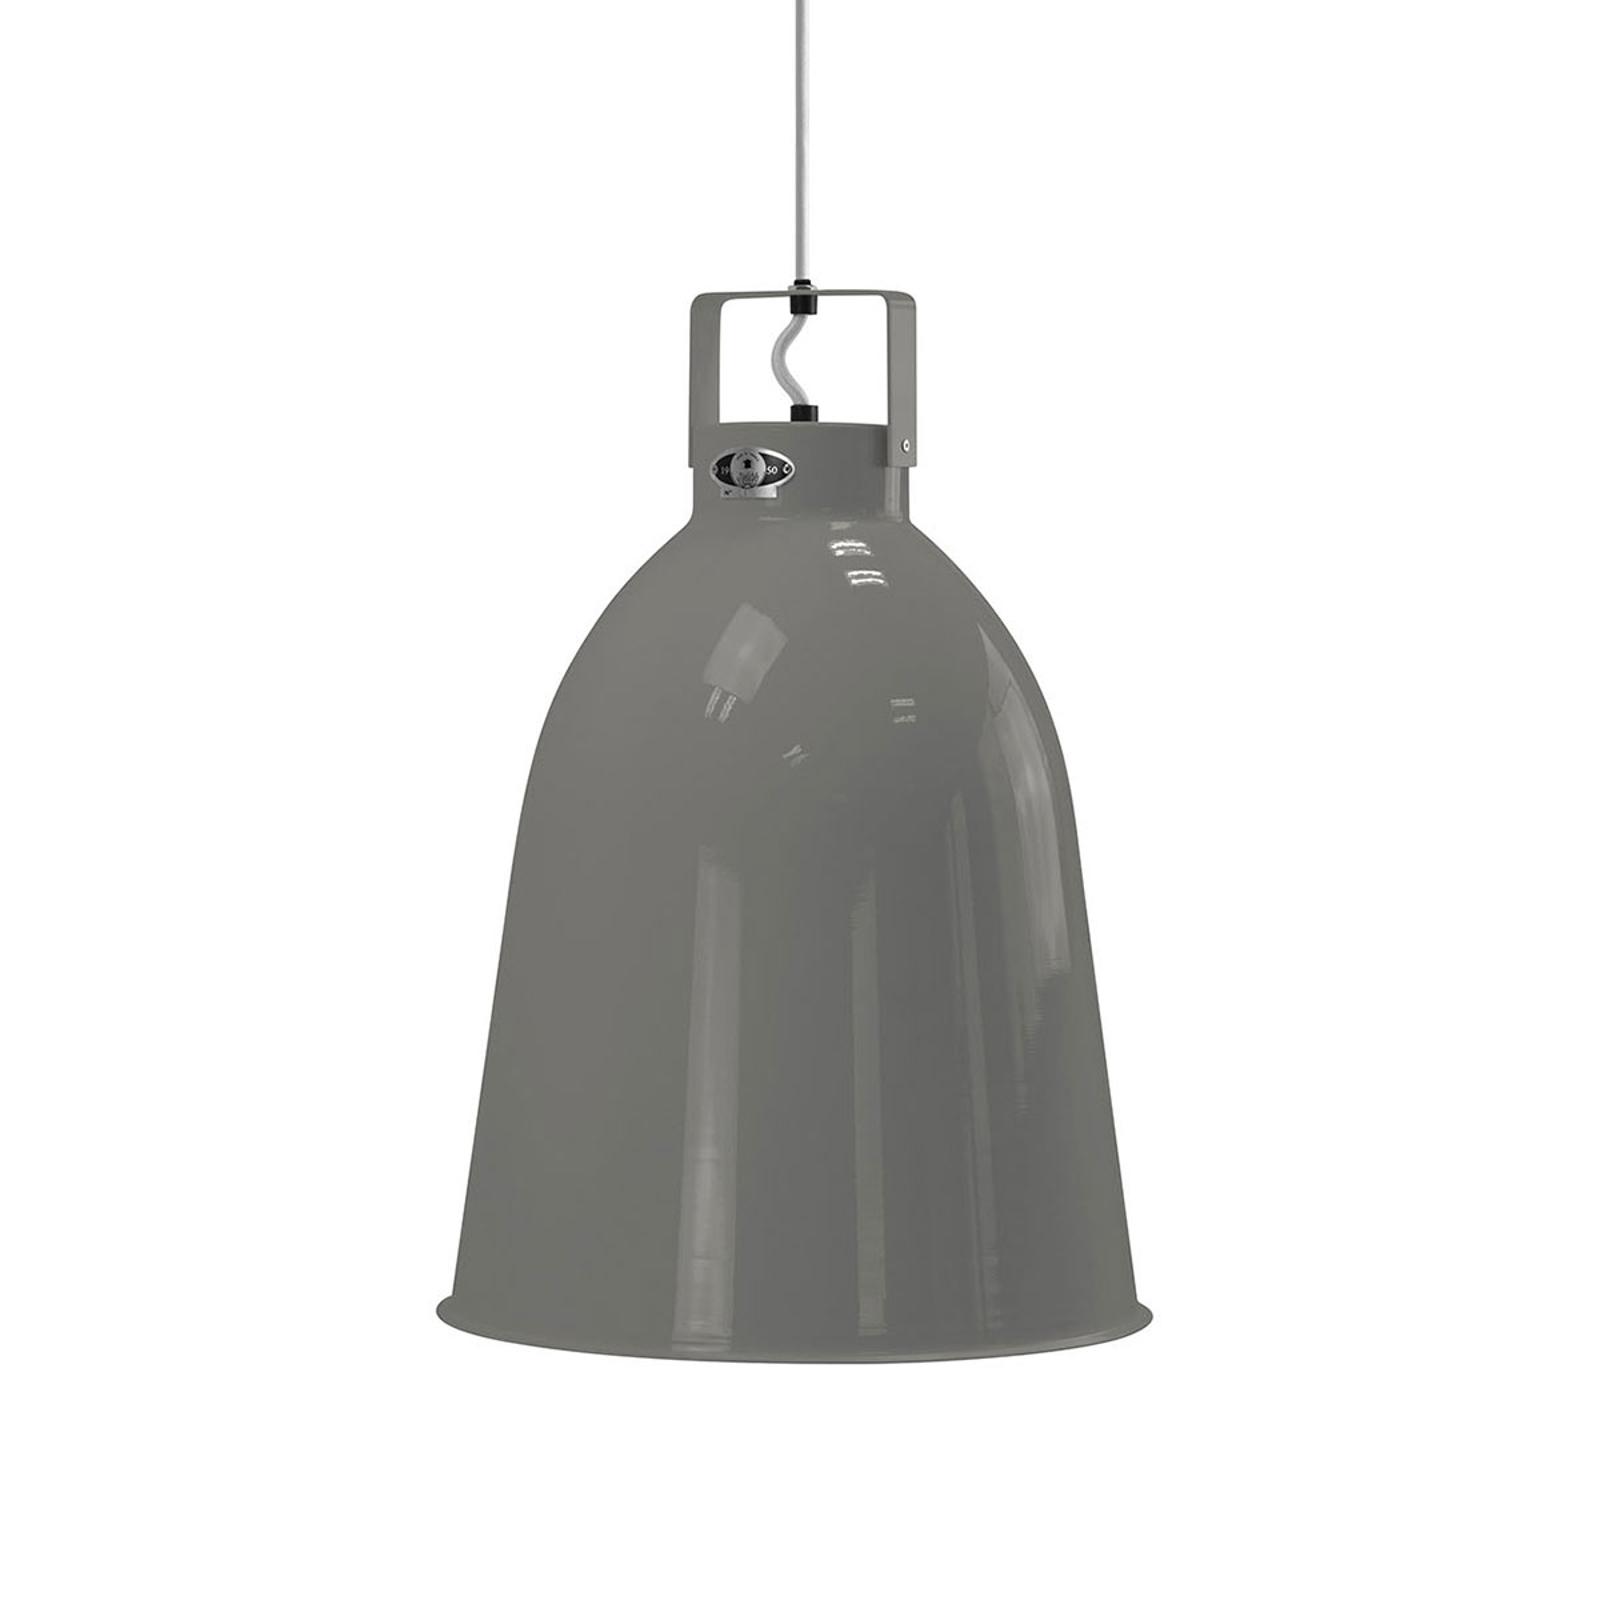 Jieldé Clément C360 hanglamp grijs glans Ø 36cm